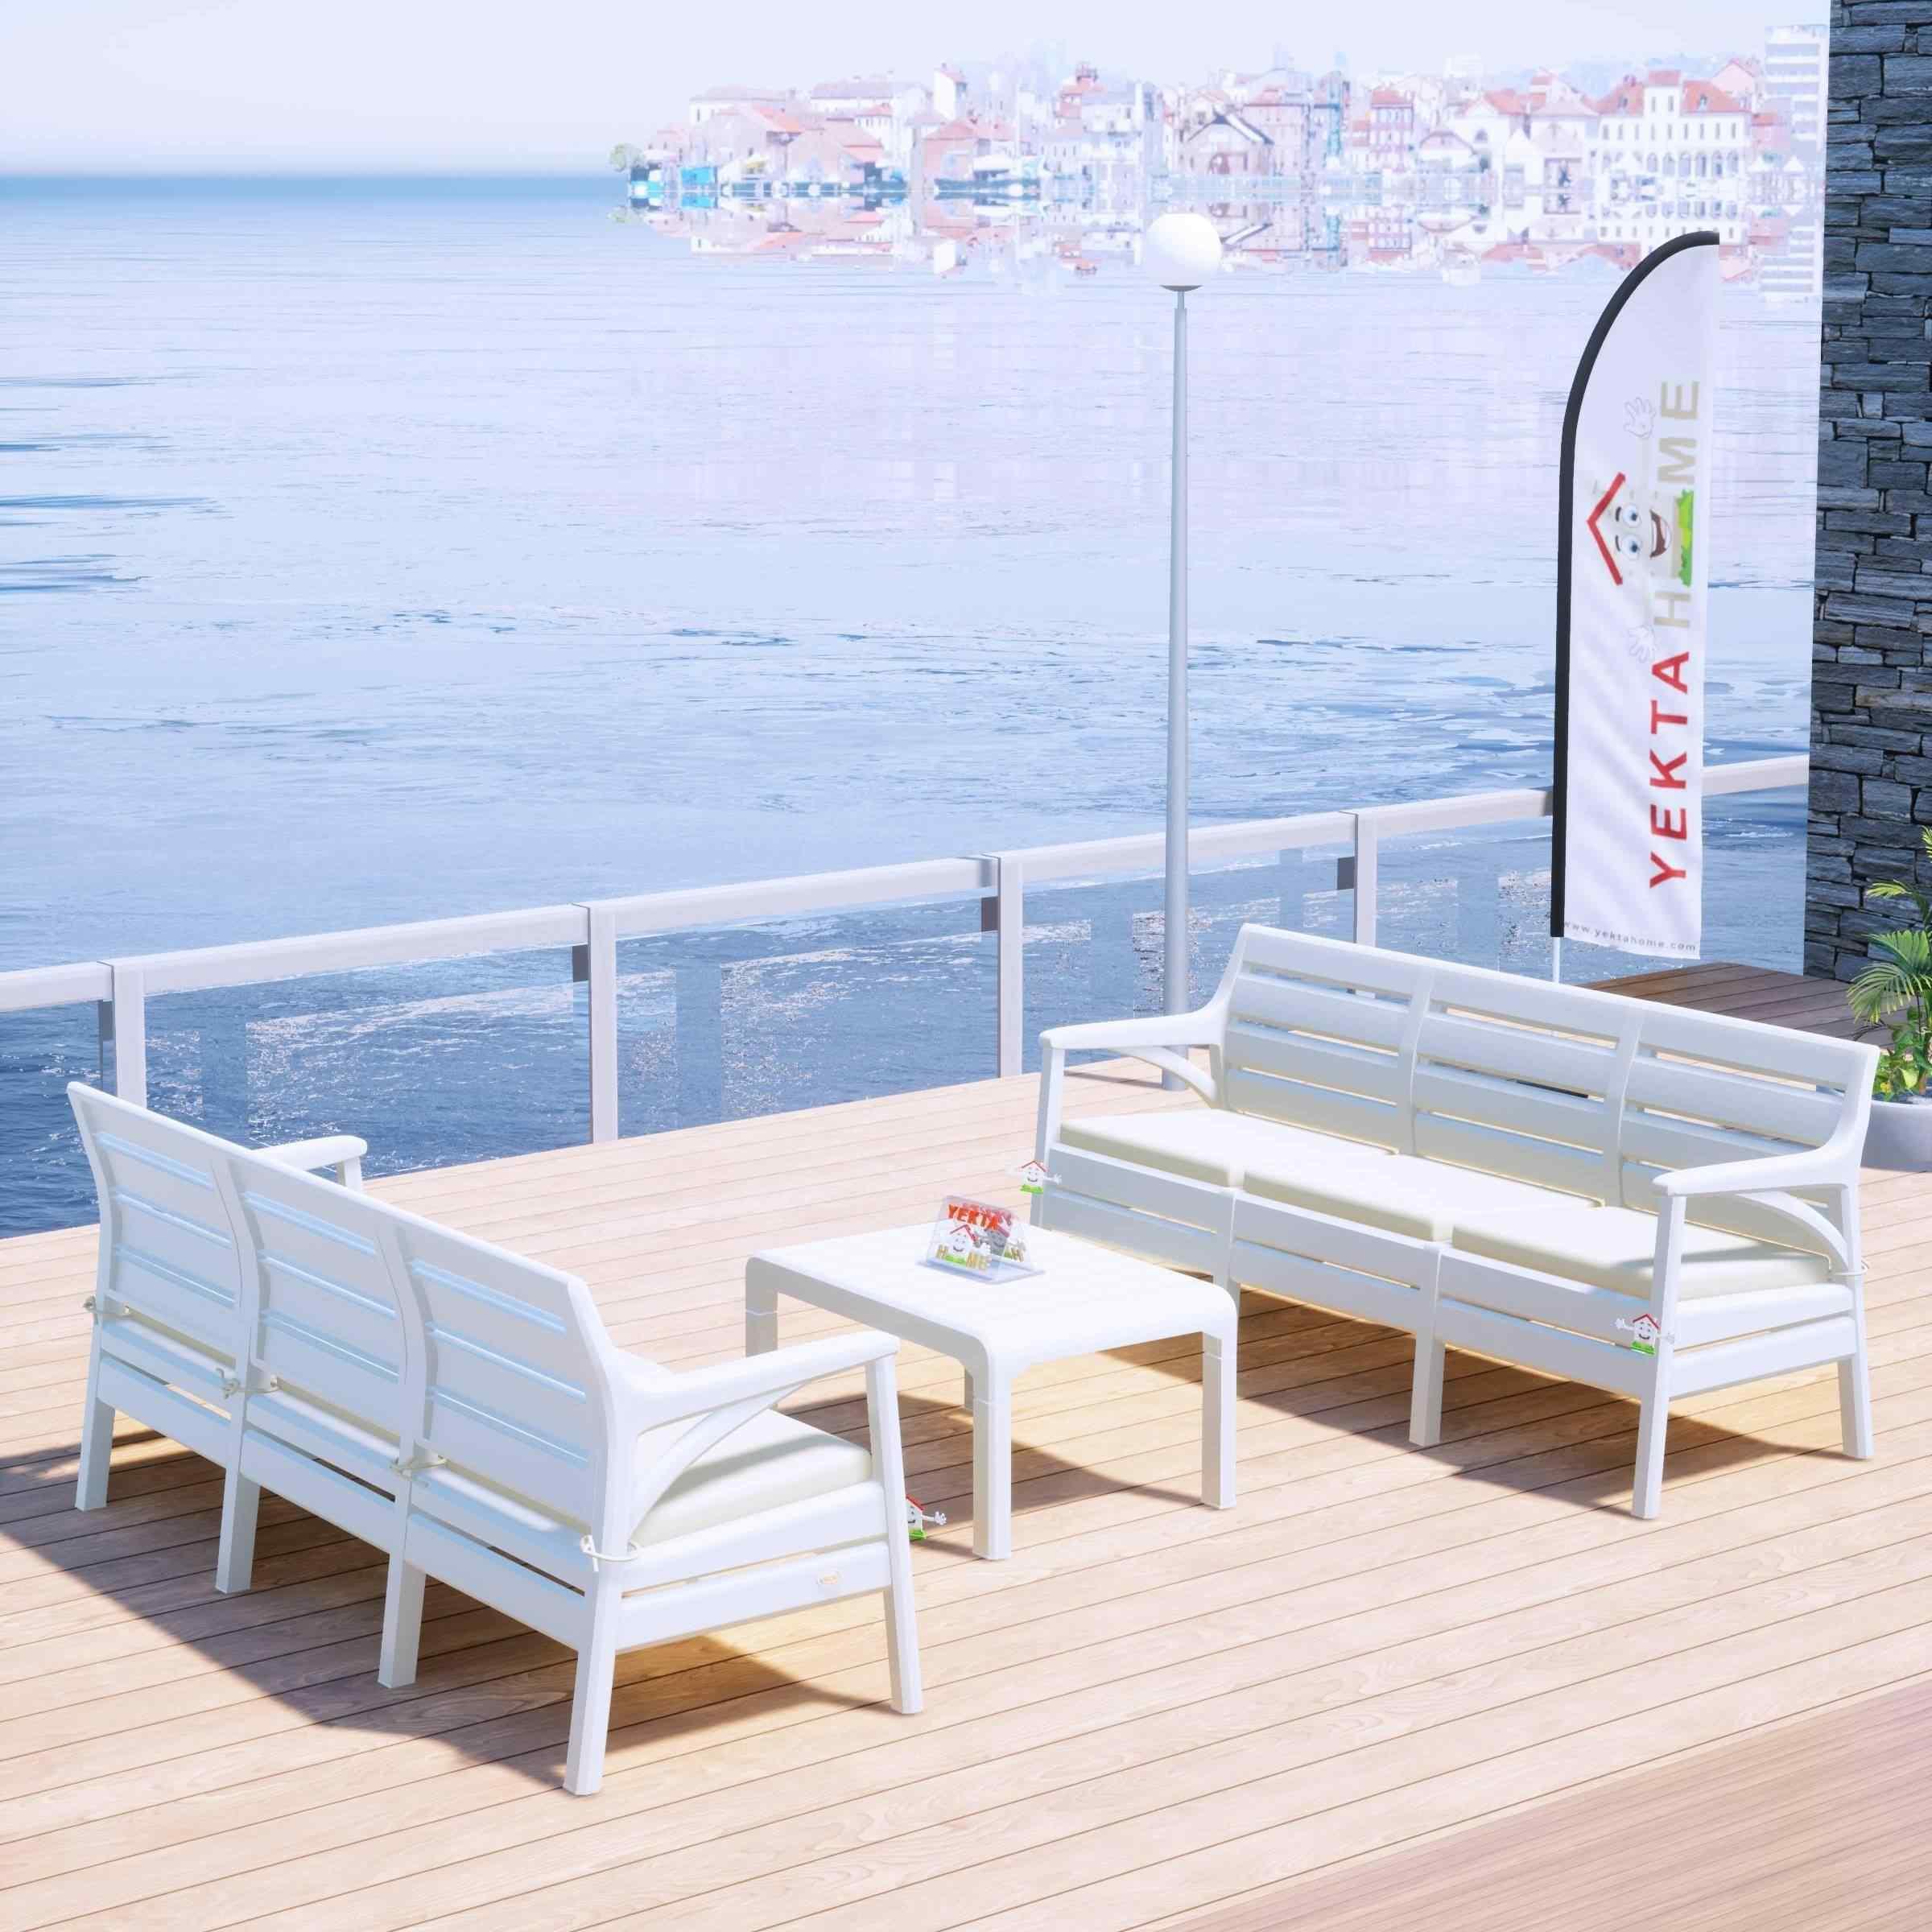 Holiday Milano Bahçe Takımı Oturma Grubu Balkon Seti Beyaz